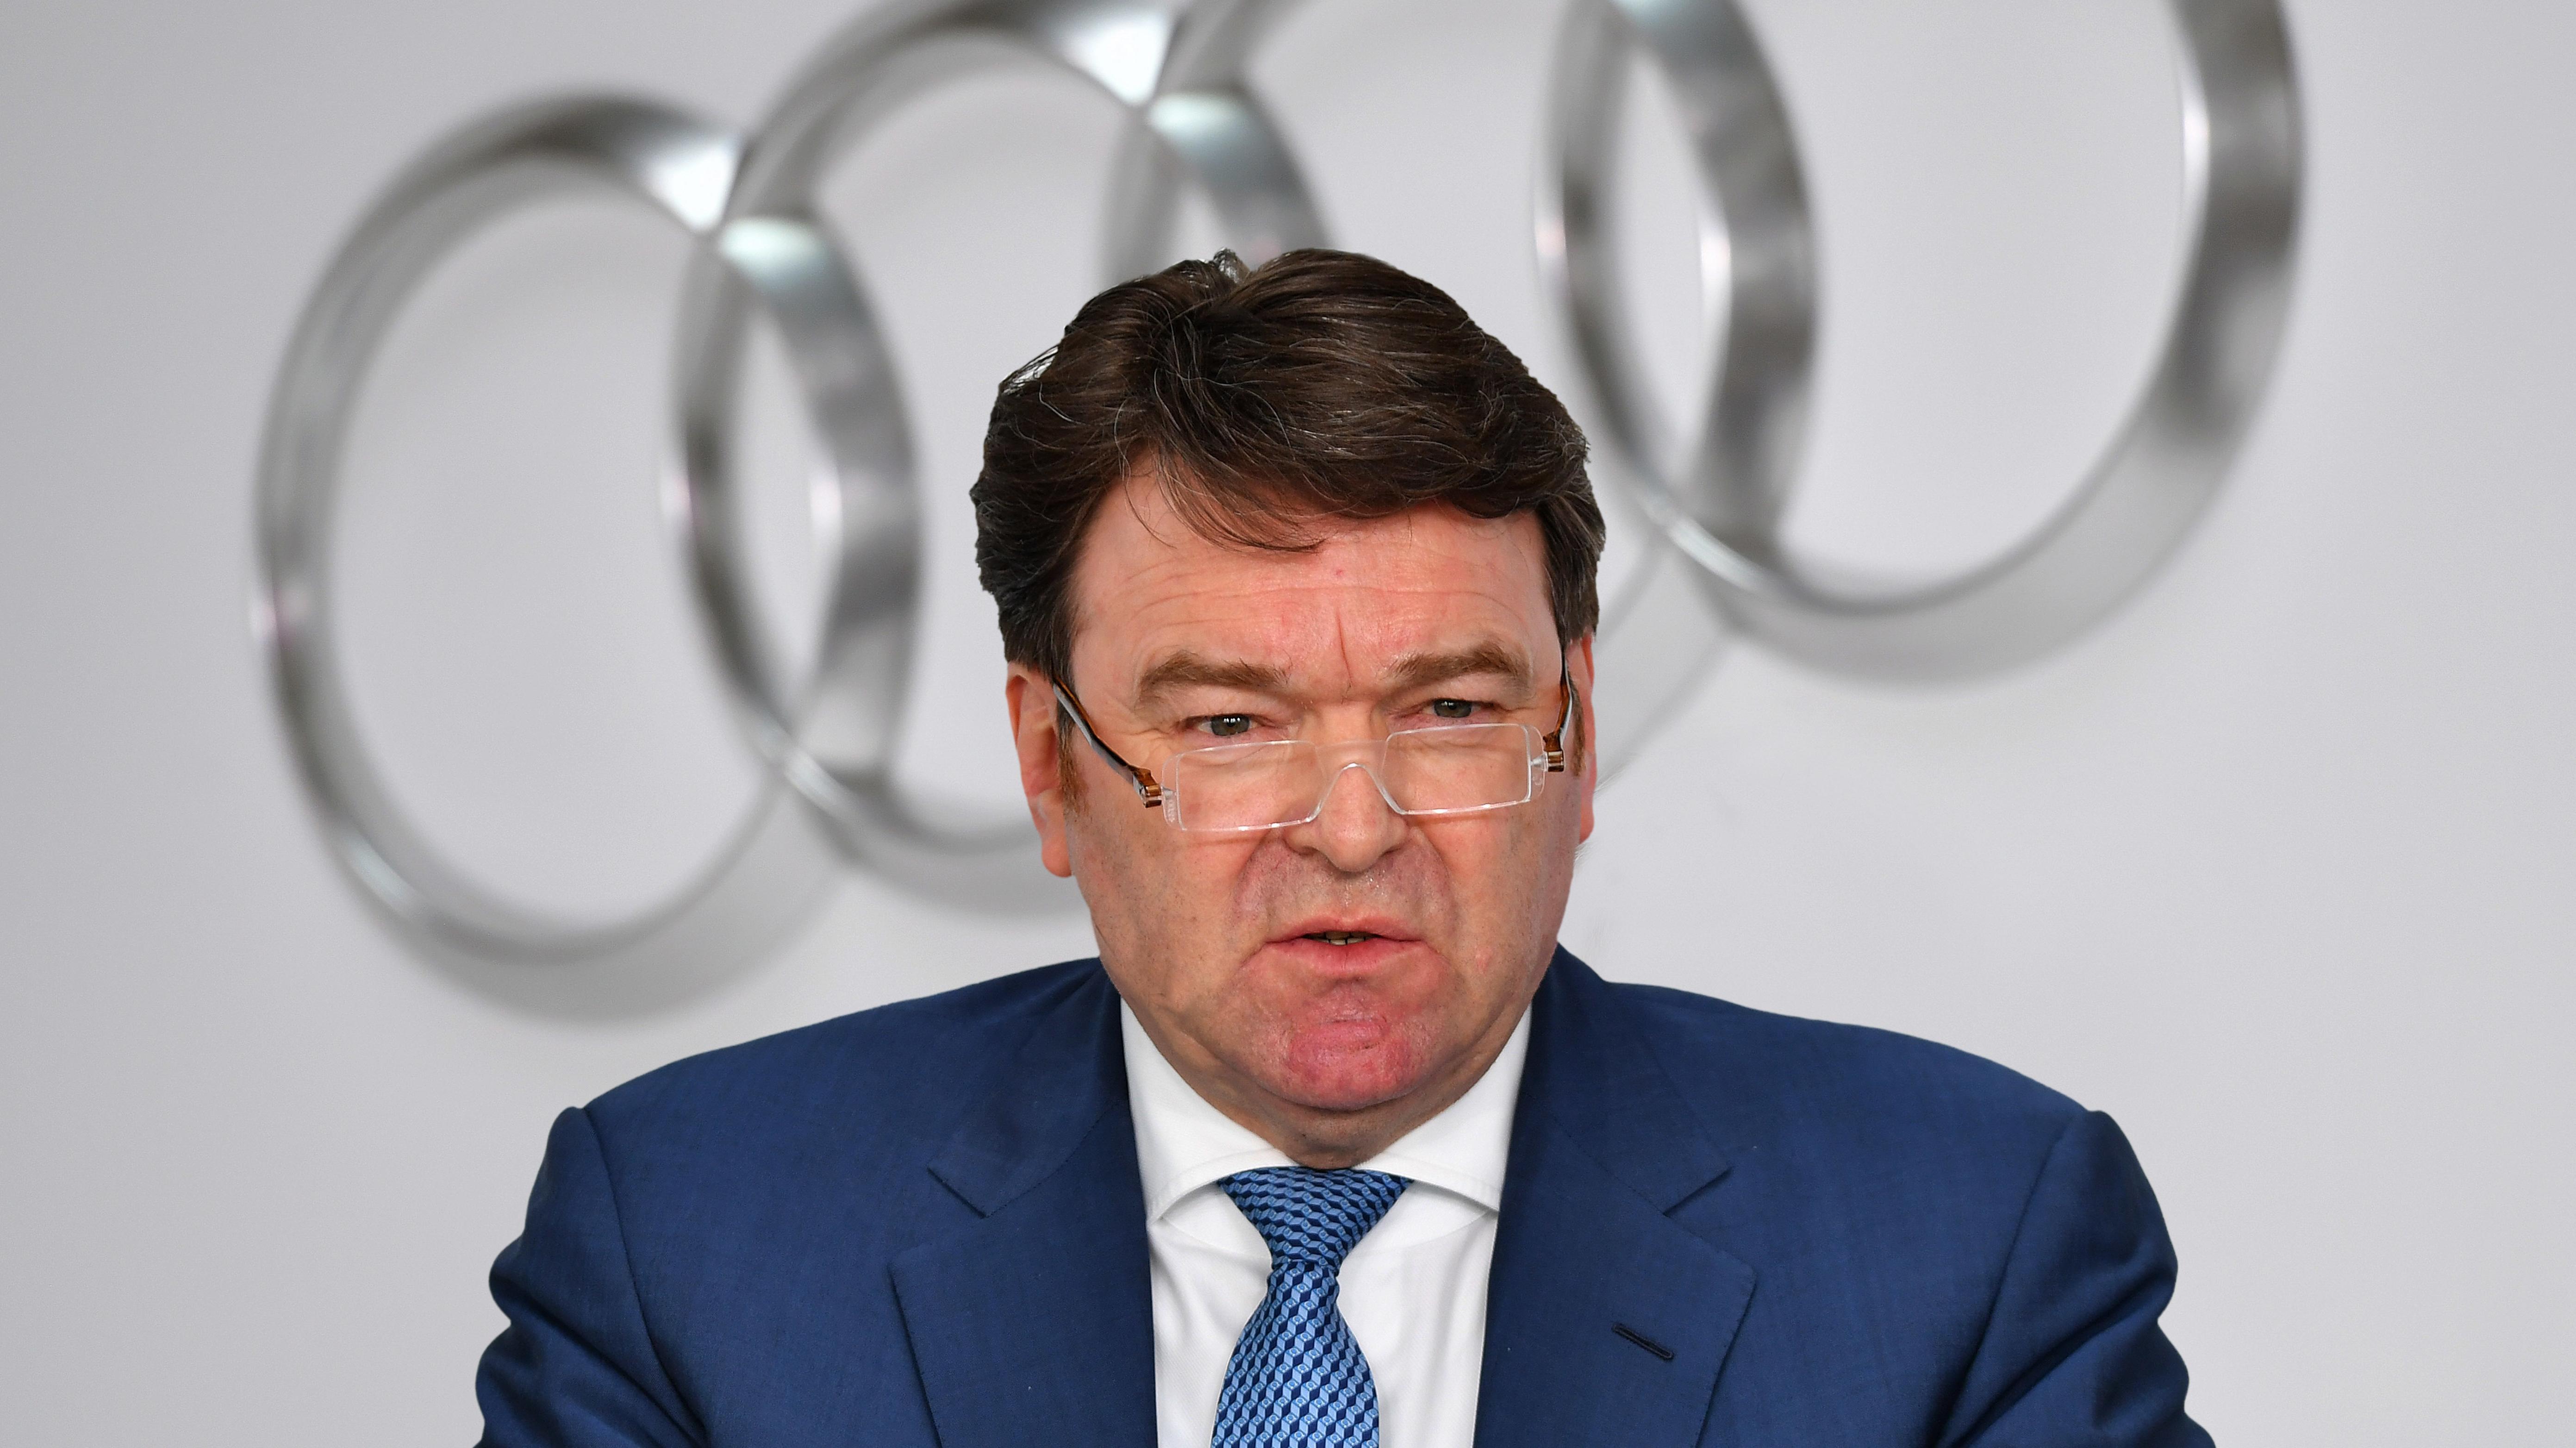 Bram Schot soll zum neuen Vorstandsvorsitzenden der AUDI AG bestellt werden.